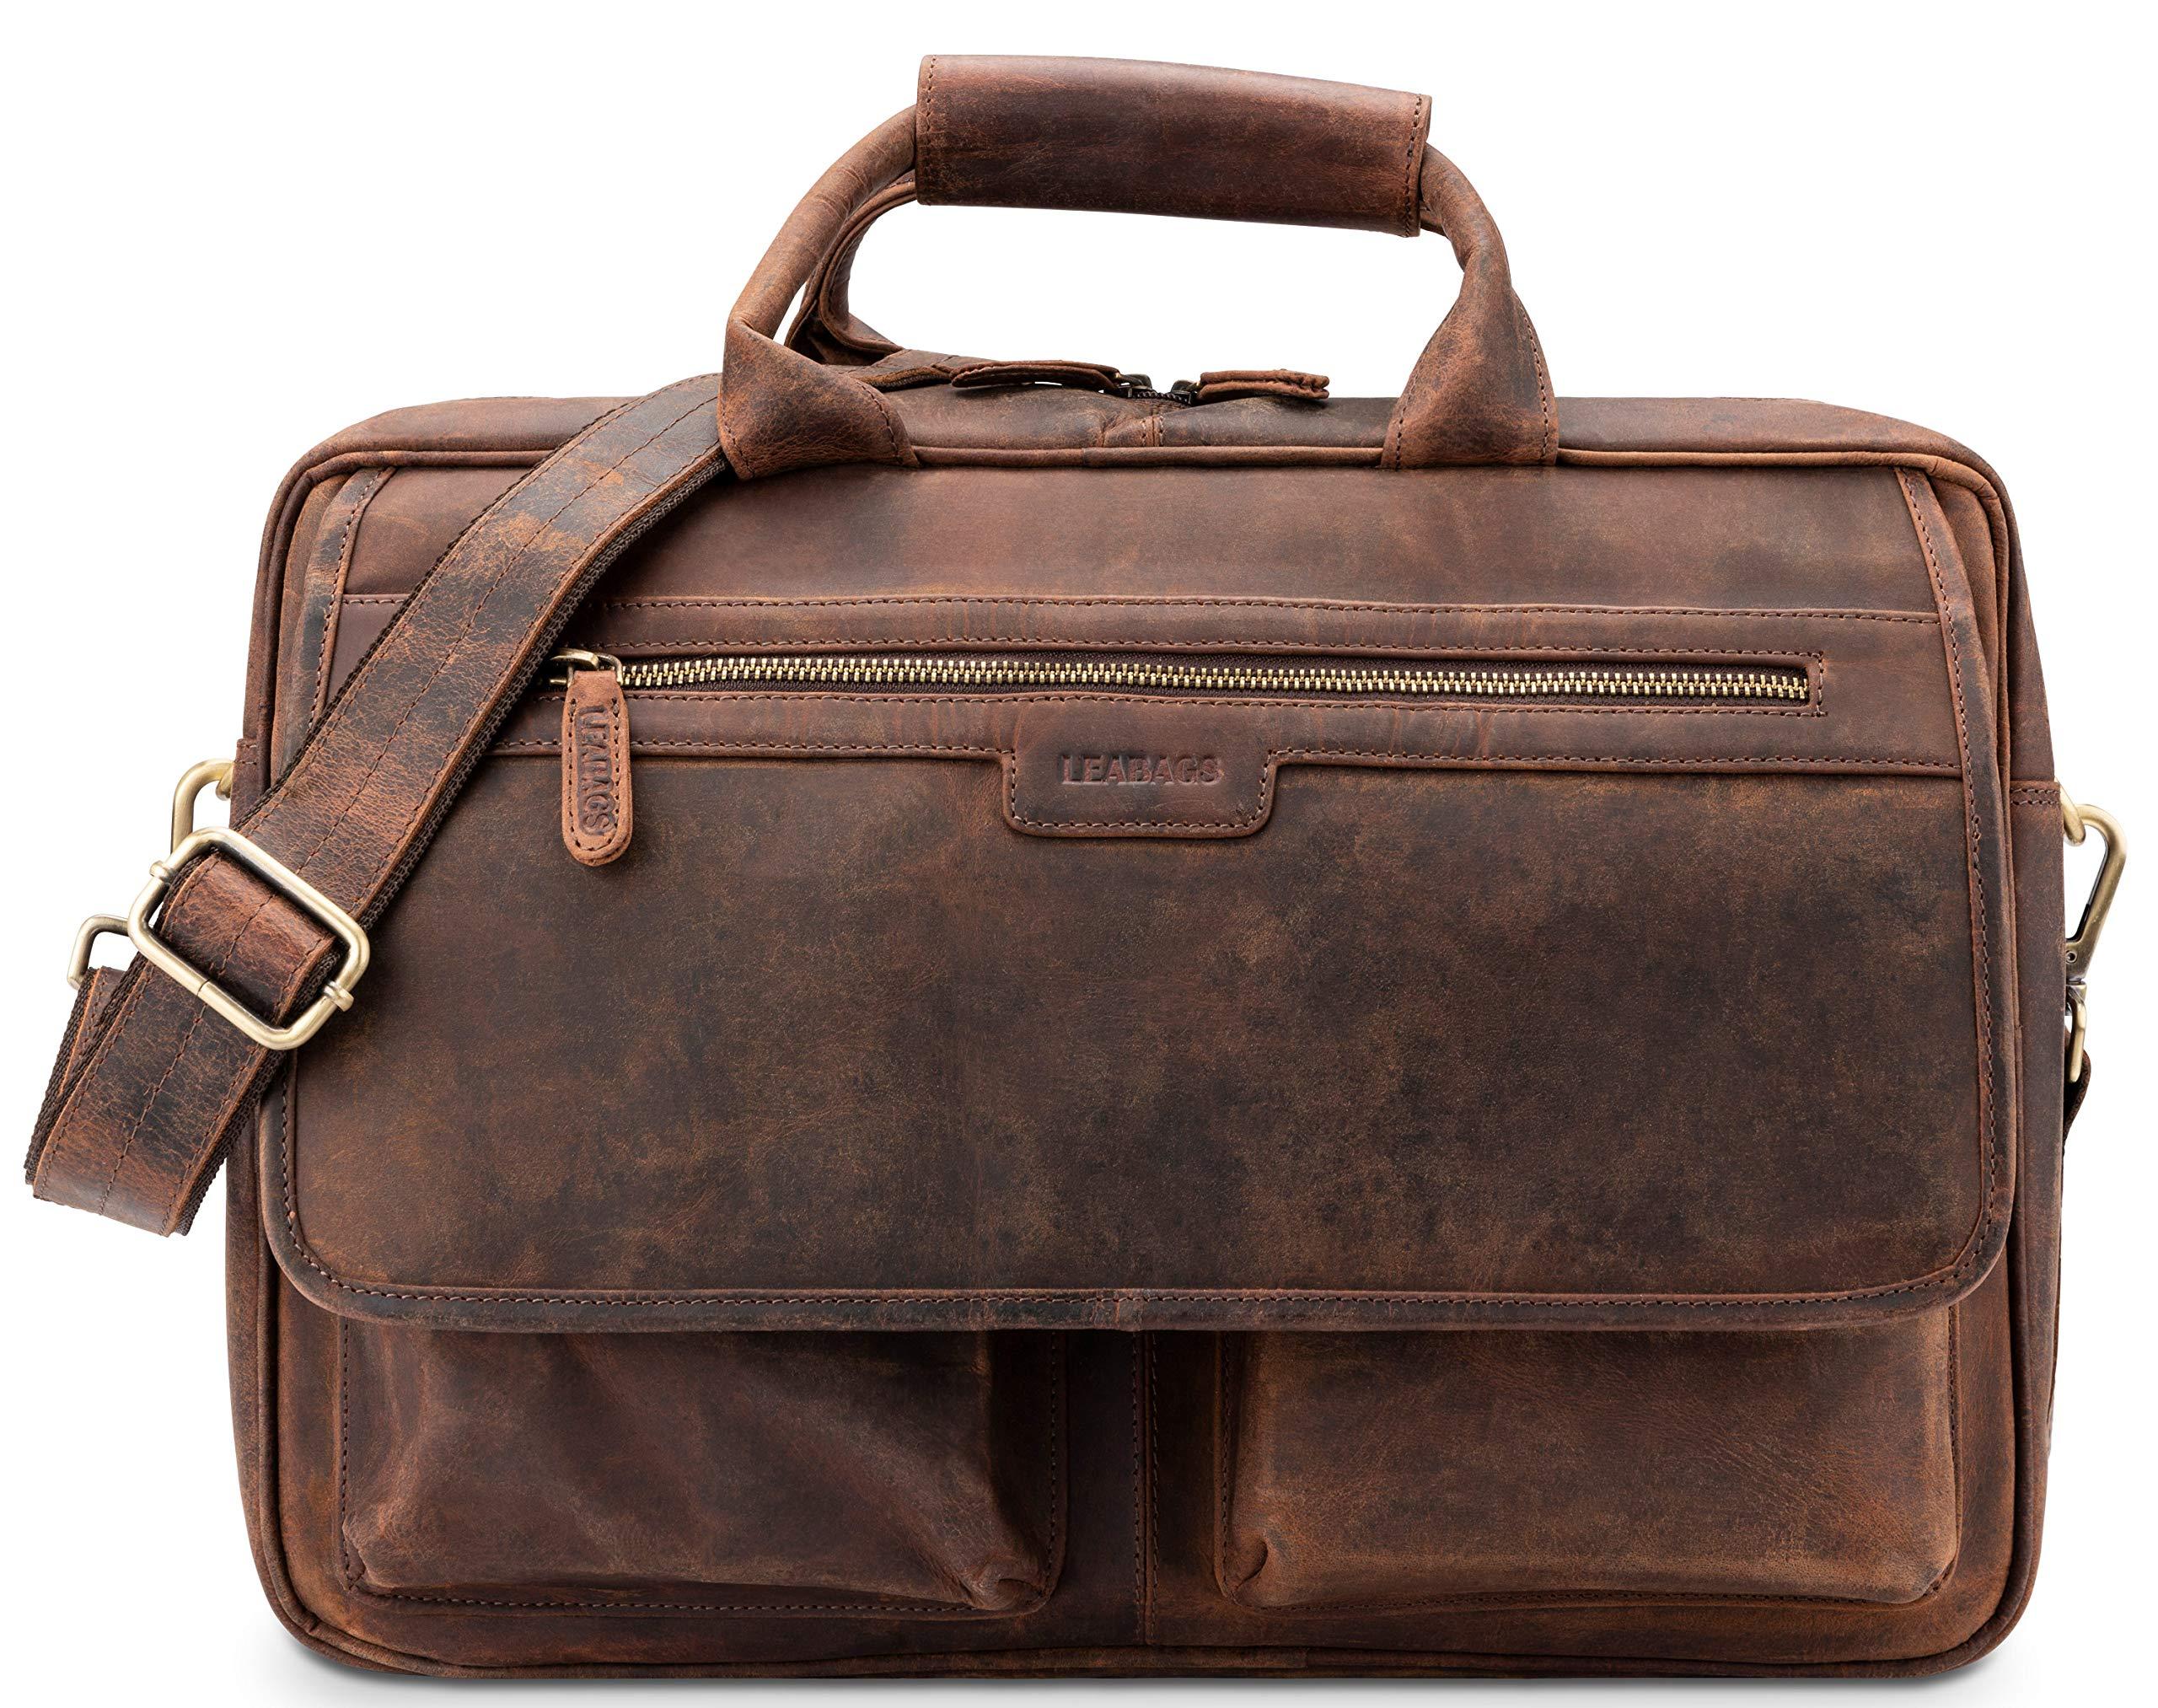 4c9f9d6283ccd LEABAGS  Dublin  Aktentasche Echt-Leder Umhängetasche Laptop 15 Zoll  Schultertasche Herren und Damen